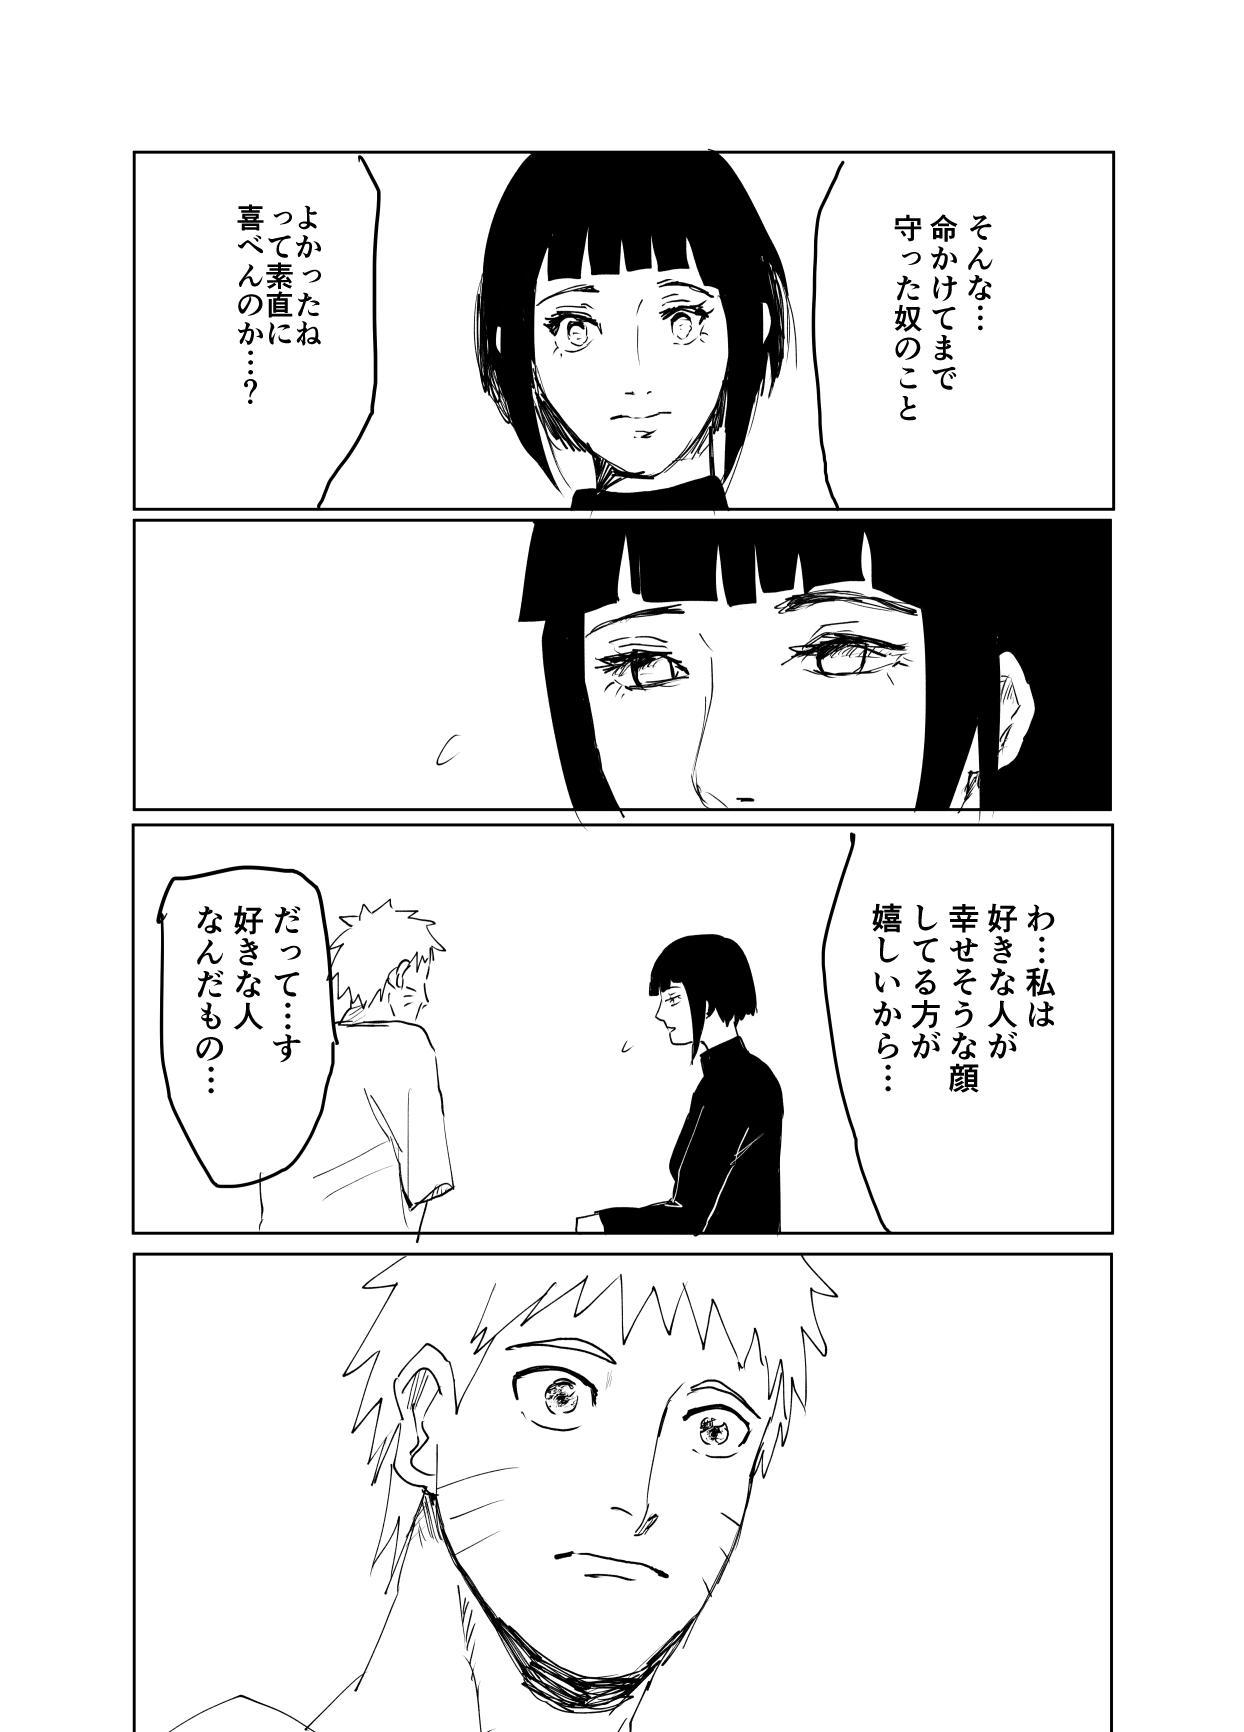 嘘告白漫画 26